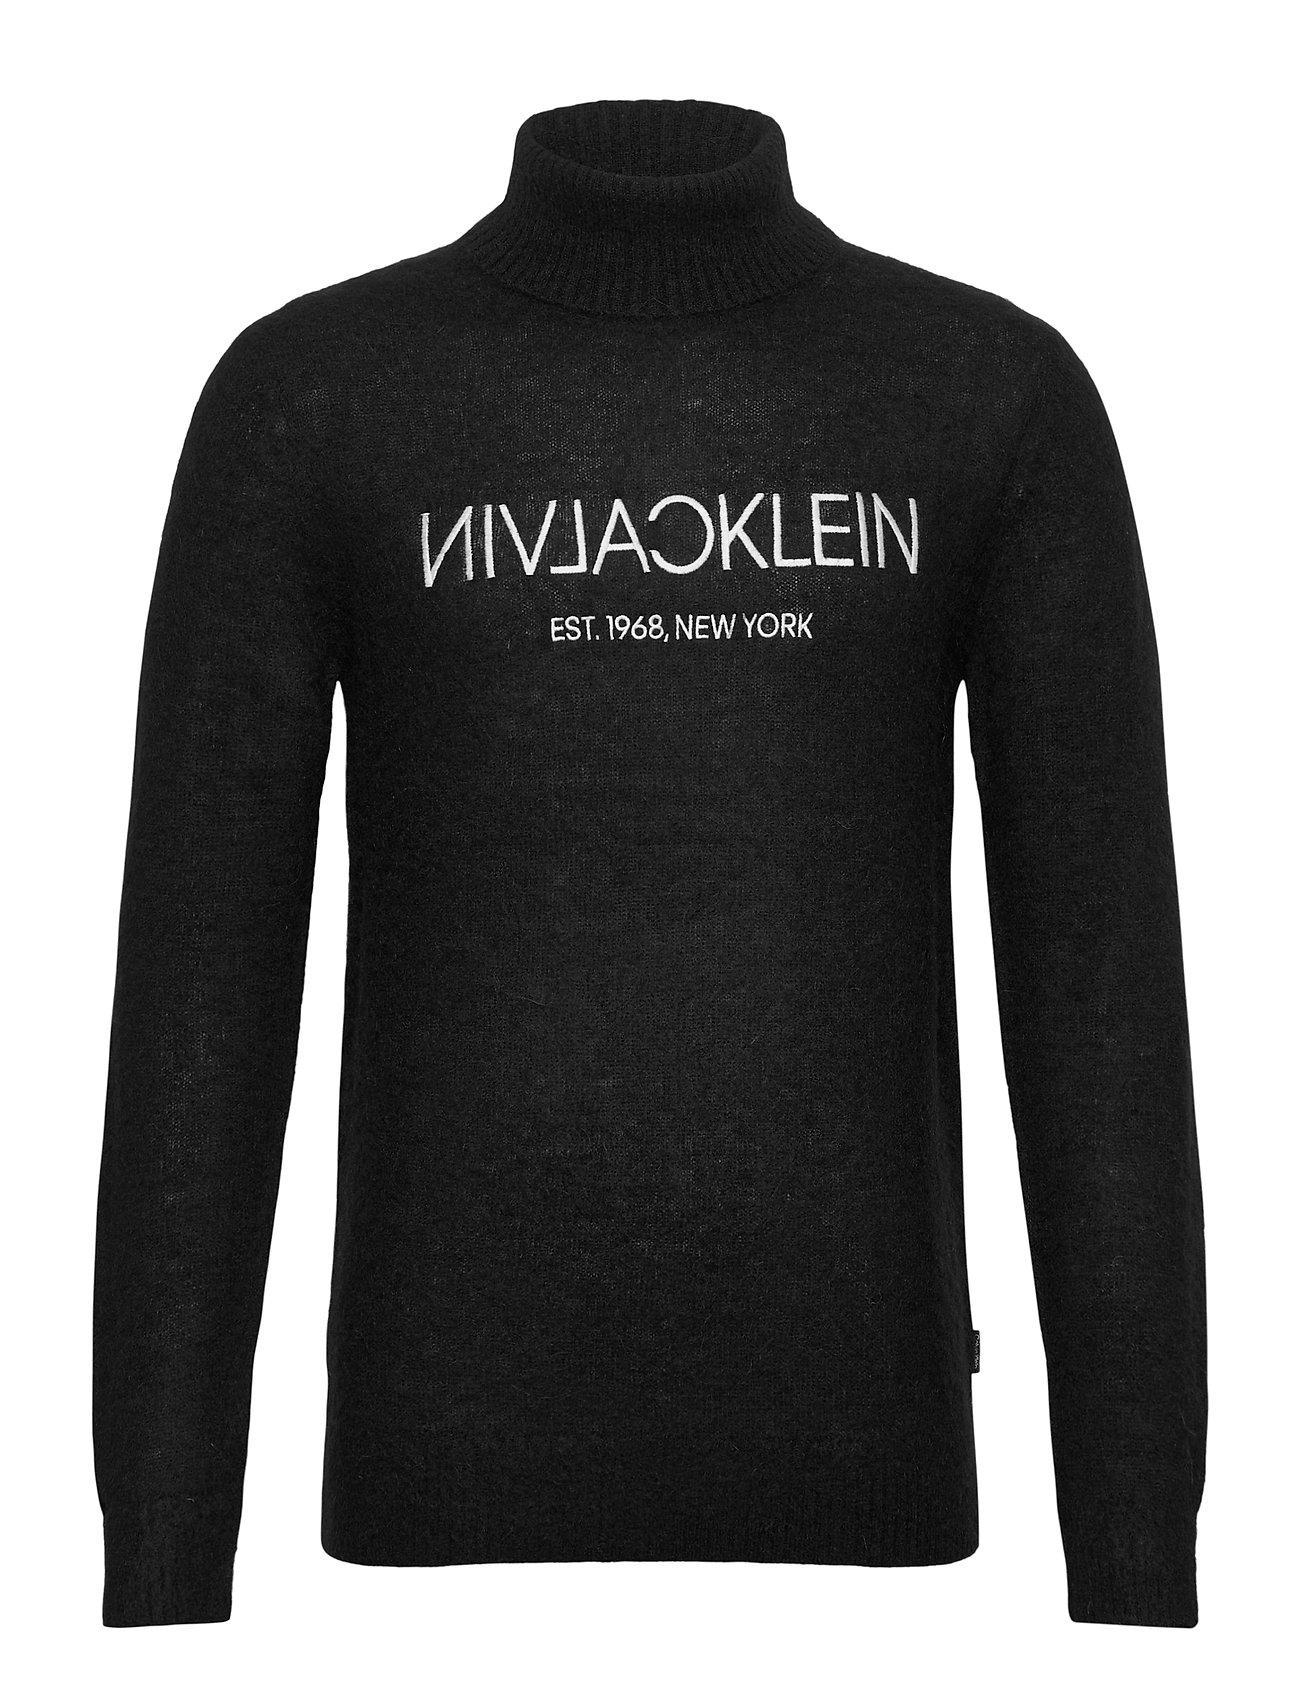 Image of Calvin Plush Logo Sweater Knitwear Turtlenecks Sort Calvin Klein (3453532635)